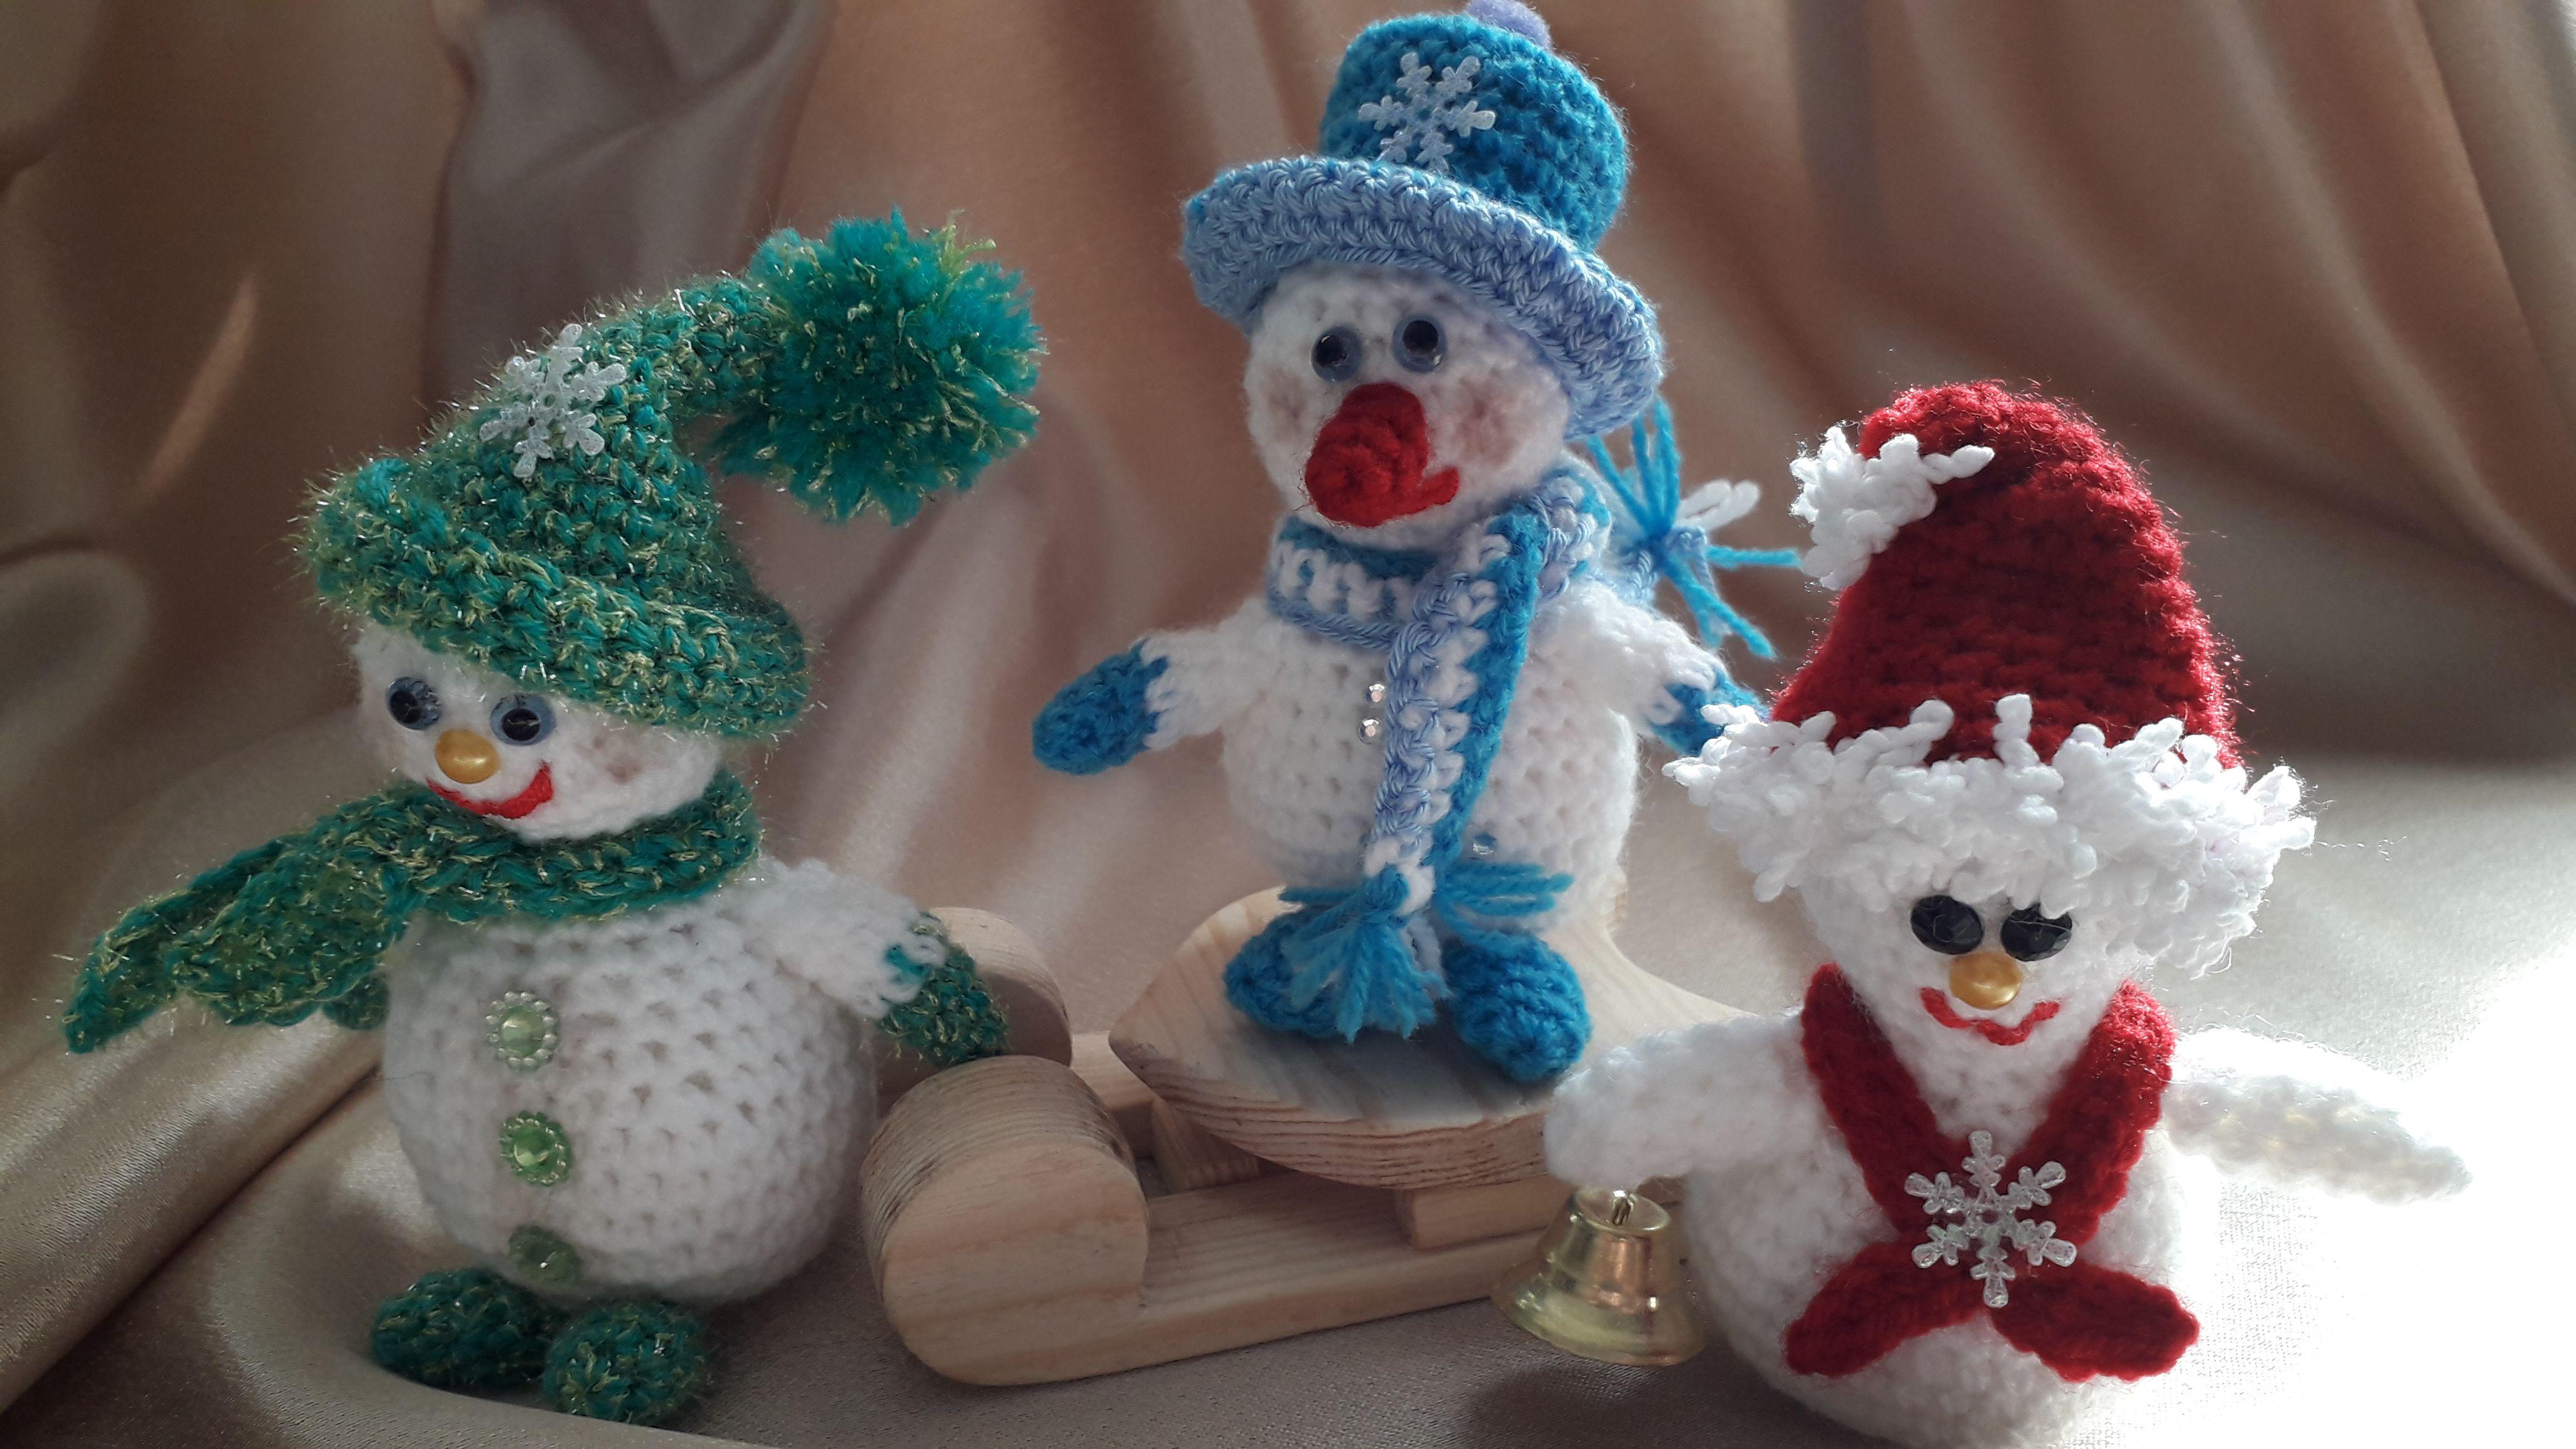 снеговики рождество длядетей вязание новыйгод игрушканаёлку сувениры игрушка подарок